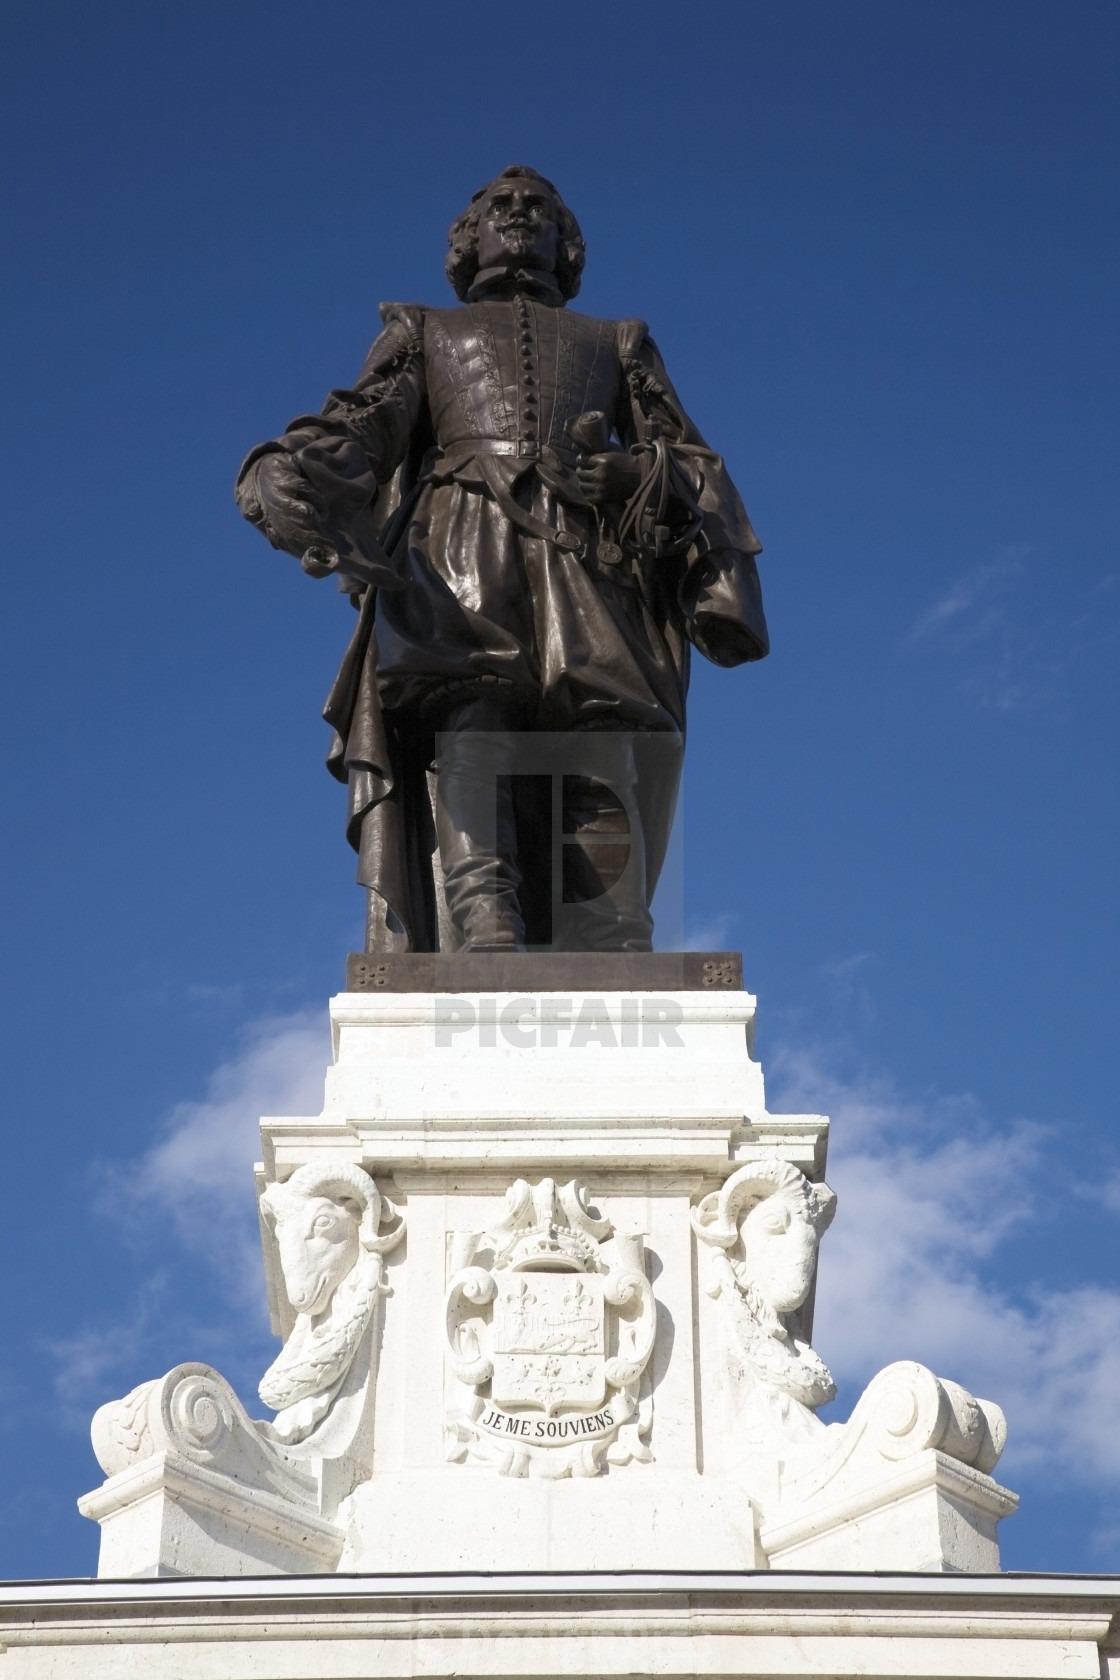 Samuel De Champlain Monument, Quebec City, Quebec, Canada